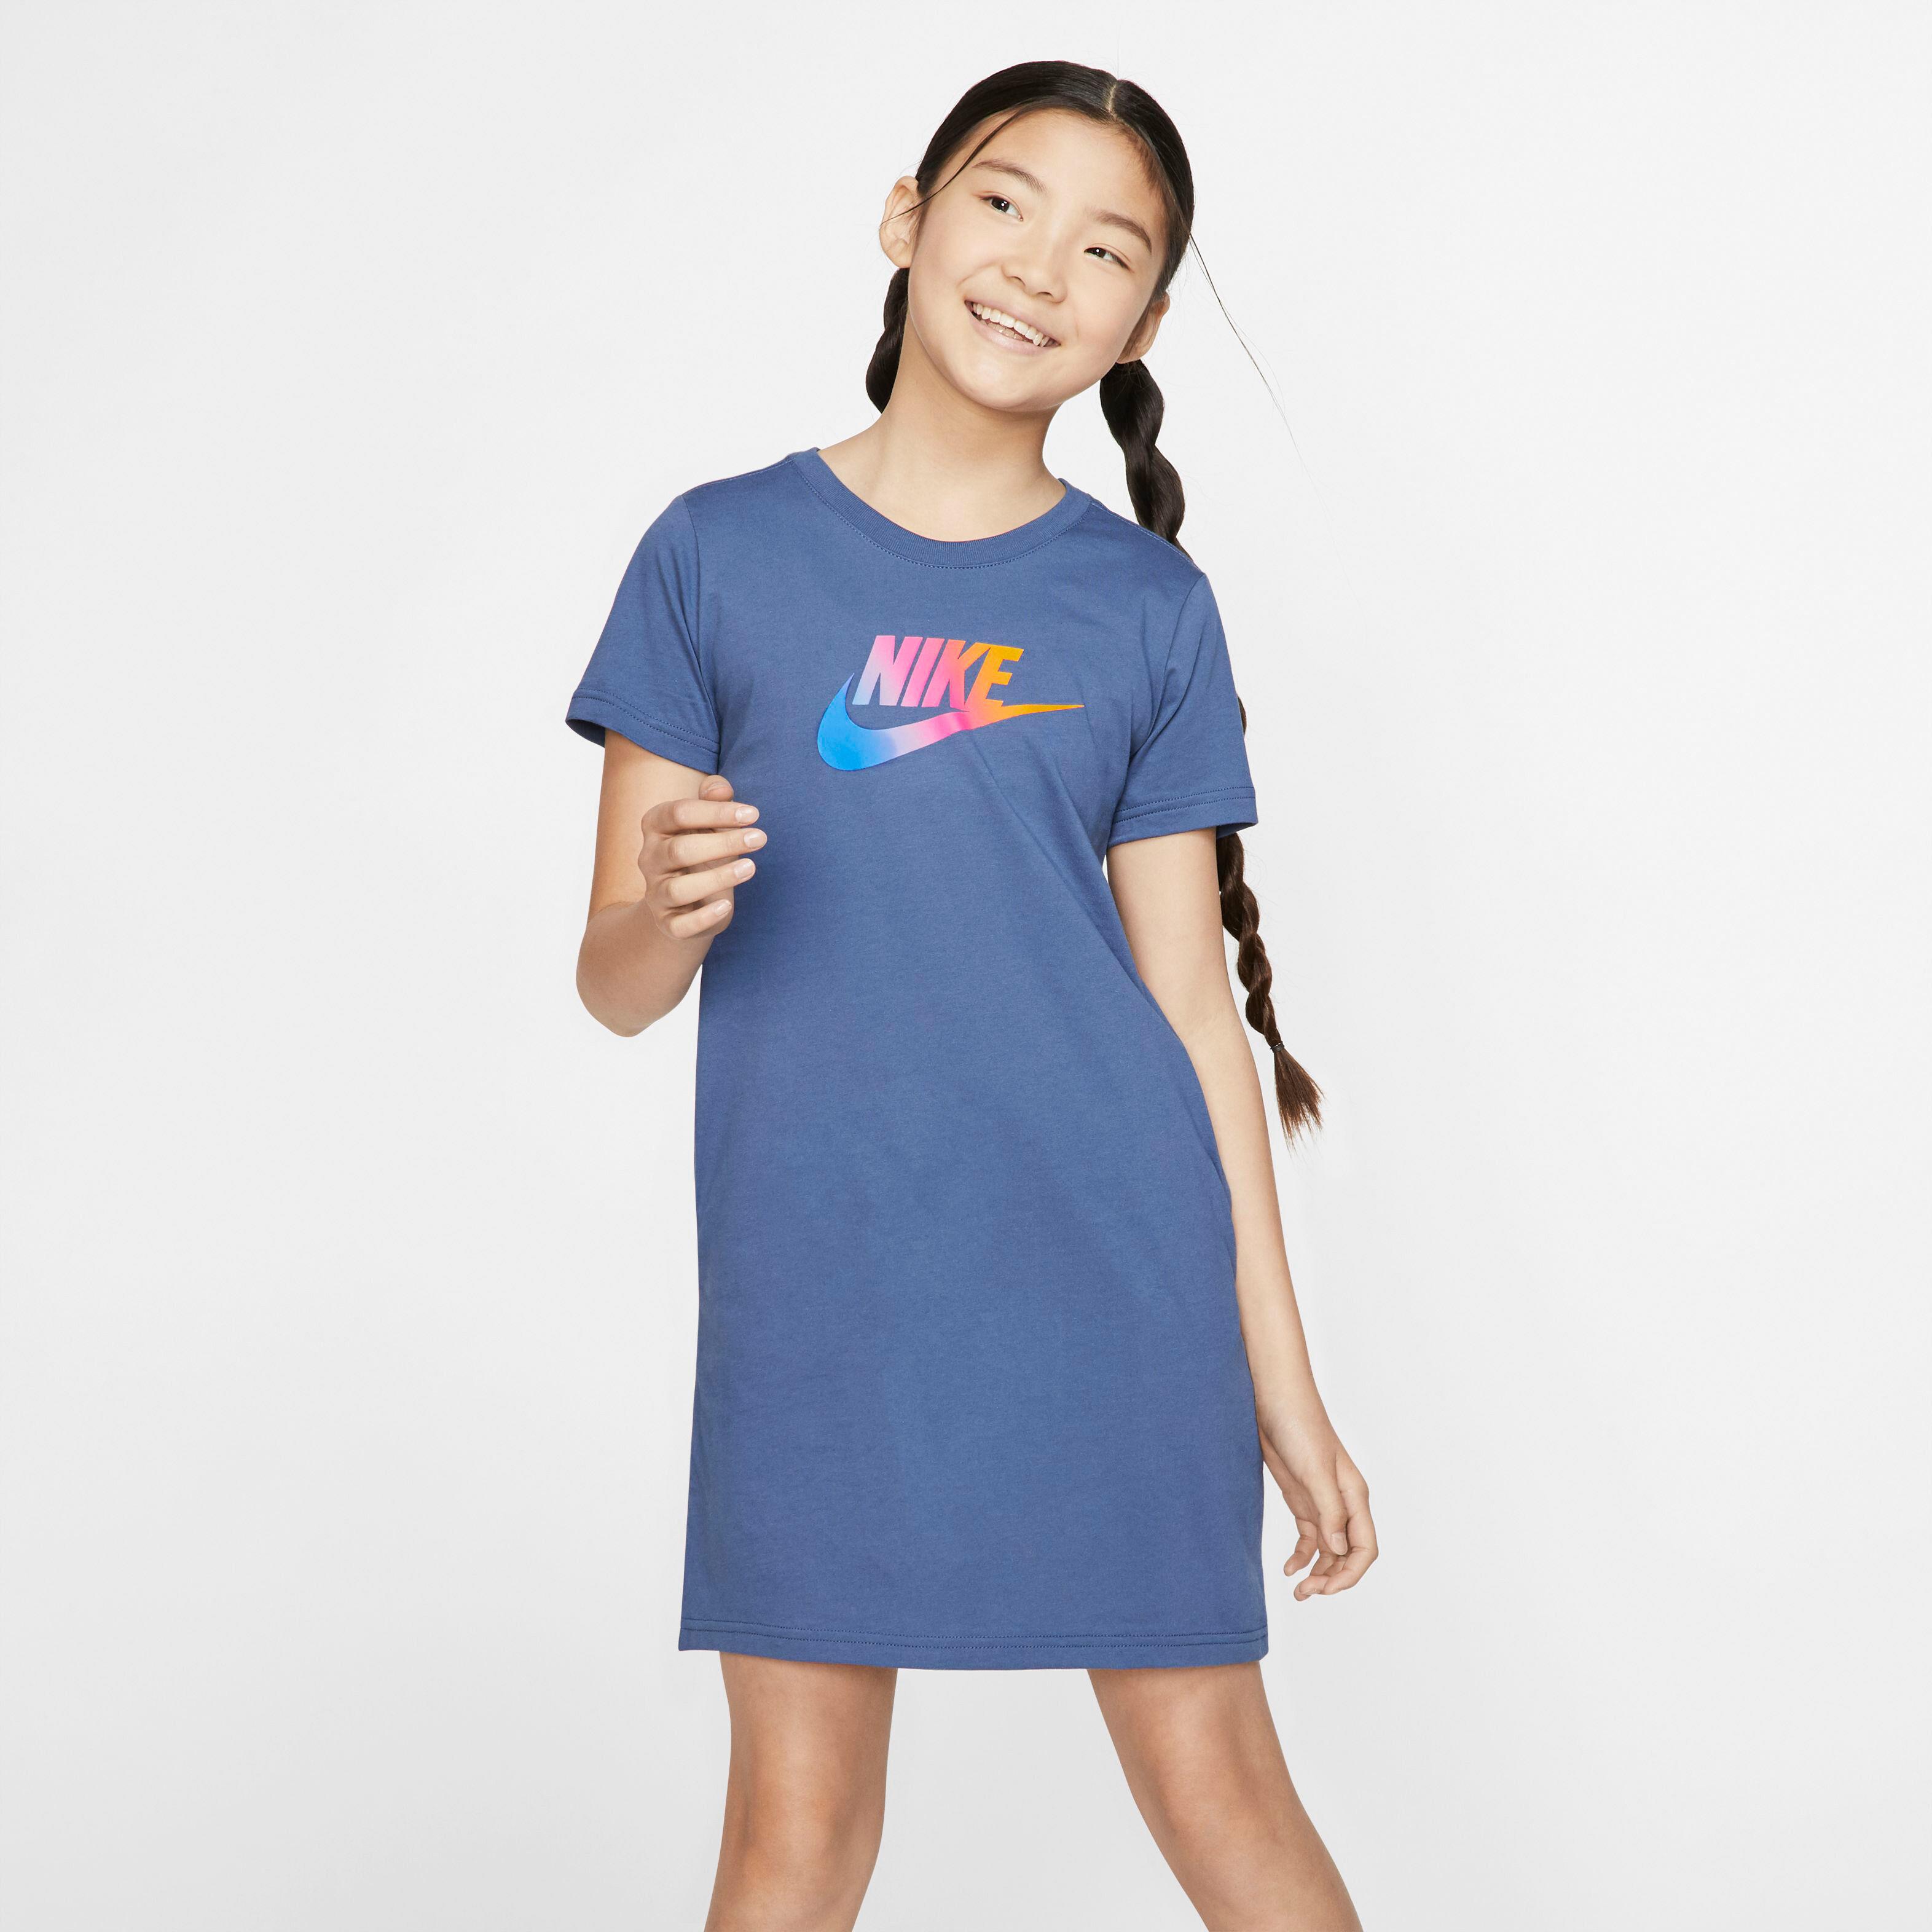 Ruházat for Lány | Széles választék és a legjobb márkák az